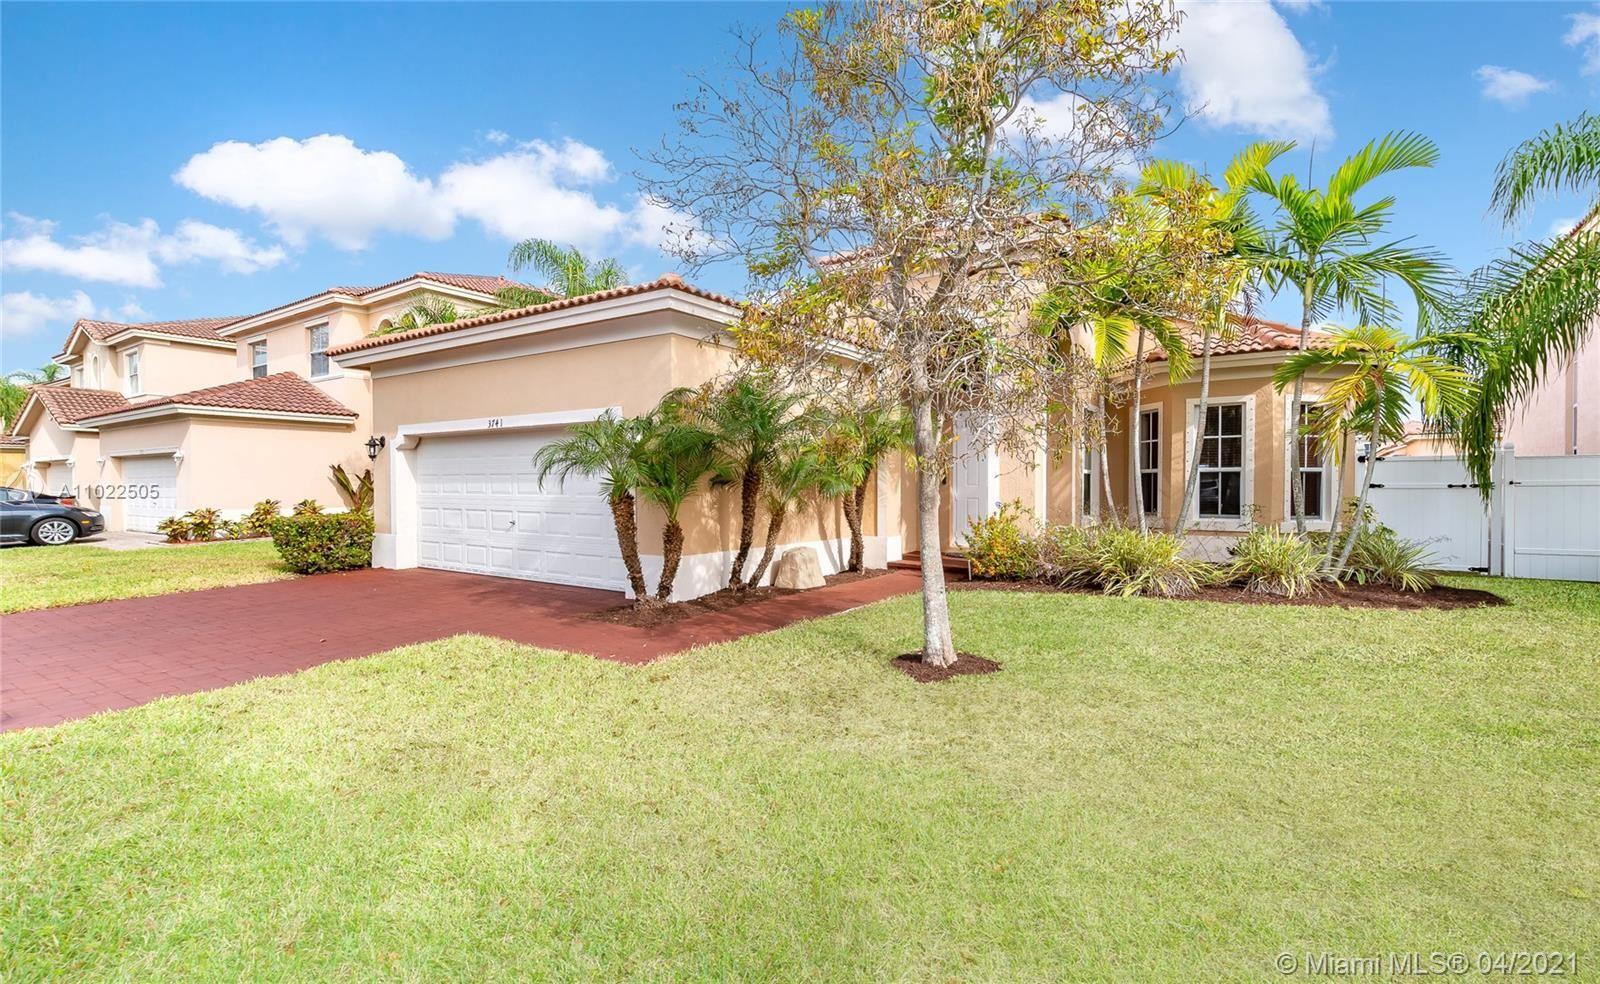 3741 NE 15th St, Homestead, FL 33033 - #: A11022505